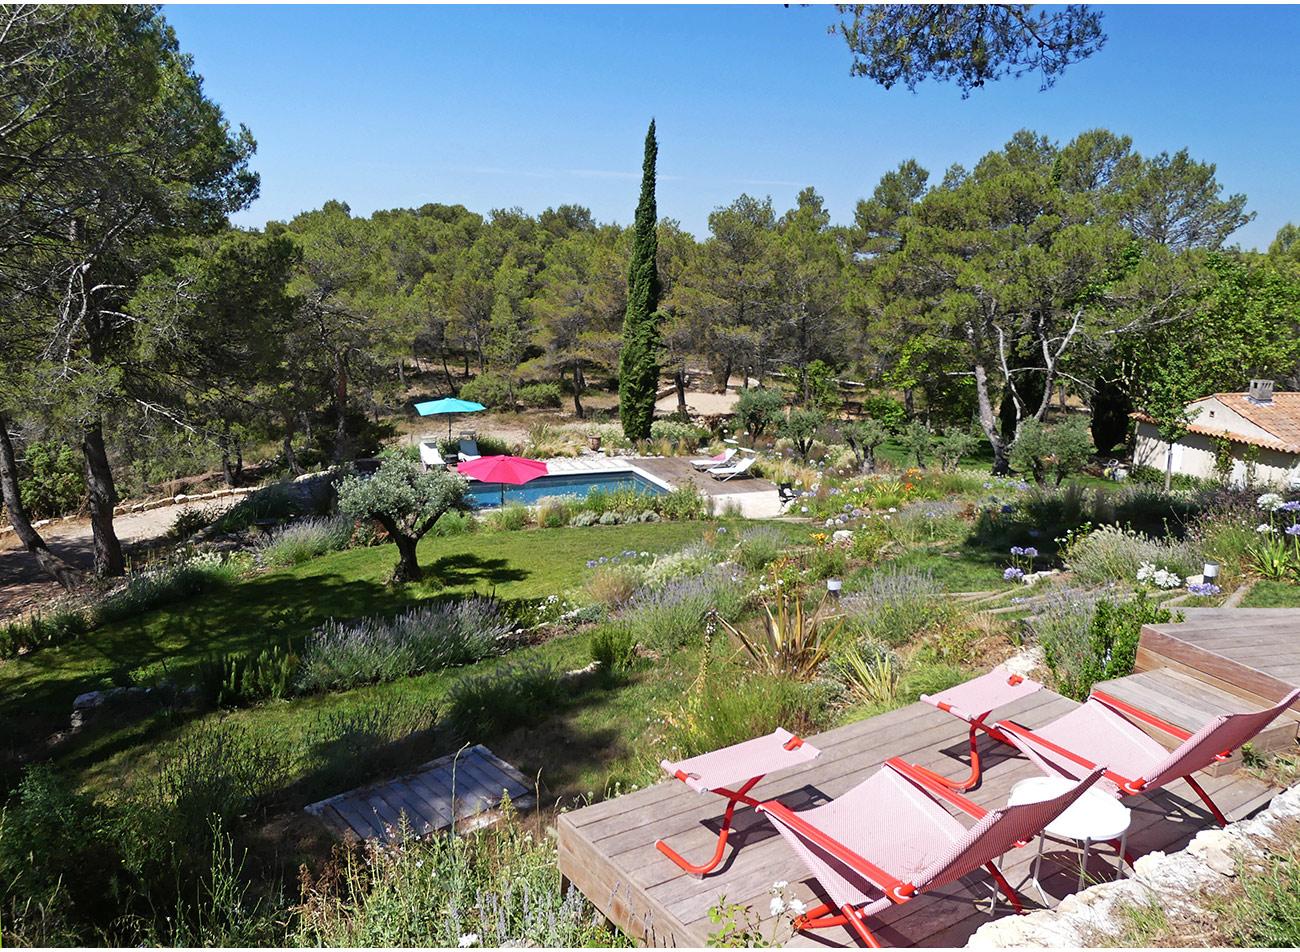 Atelier Naudier - Architecte paysagiste concepteur - Montpellier et Aix en Provence - Jardin méditerranéen restanque - aménagement jardin